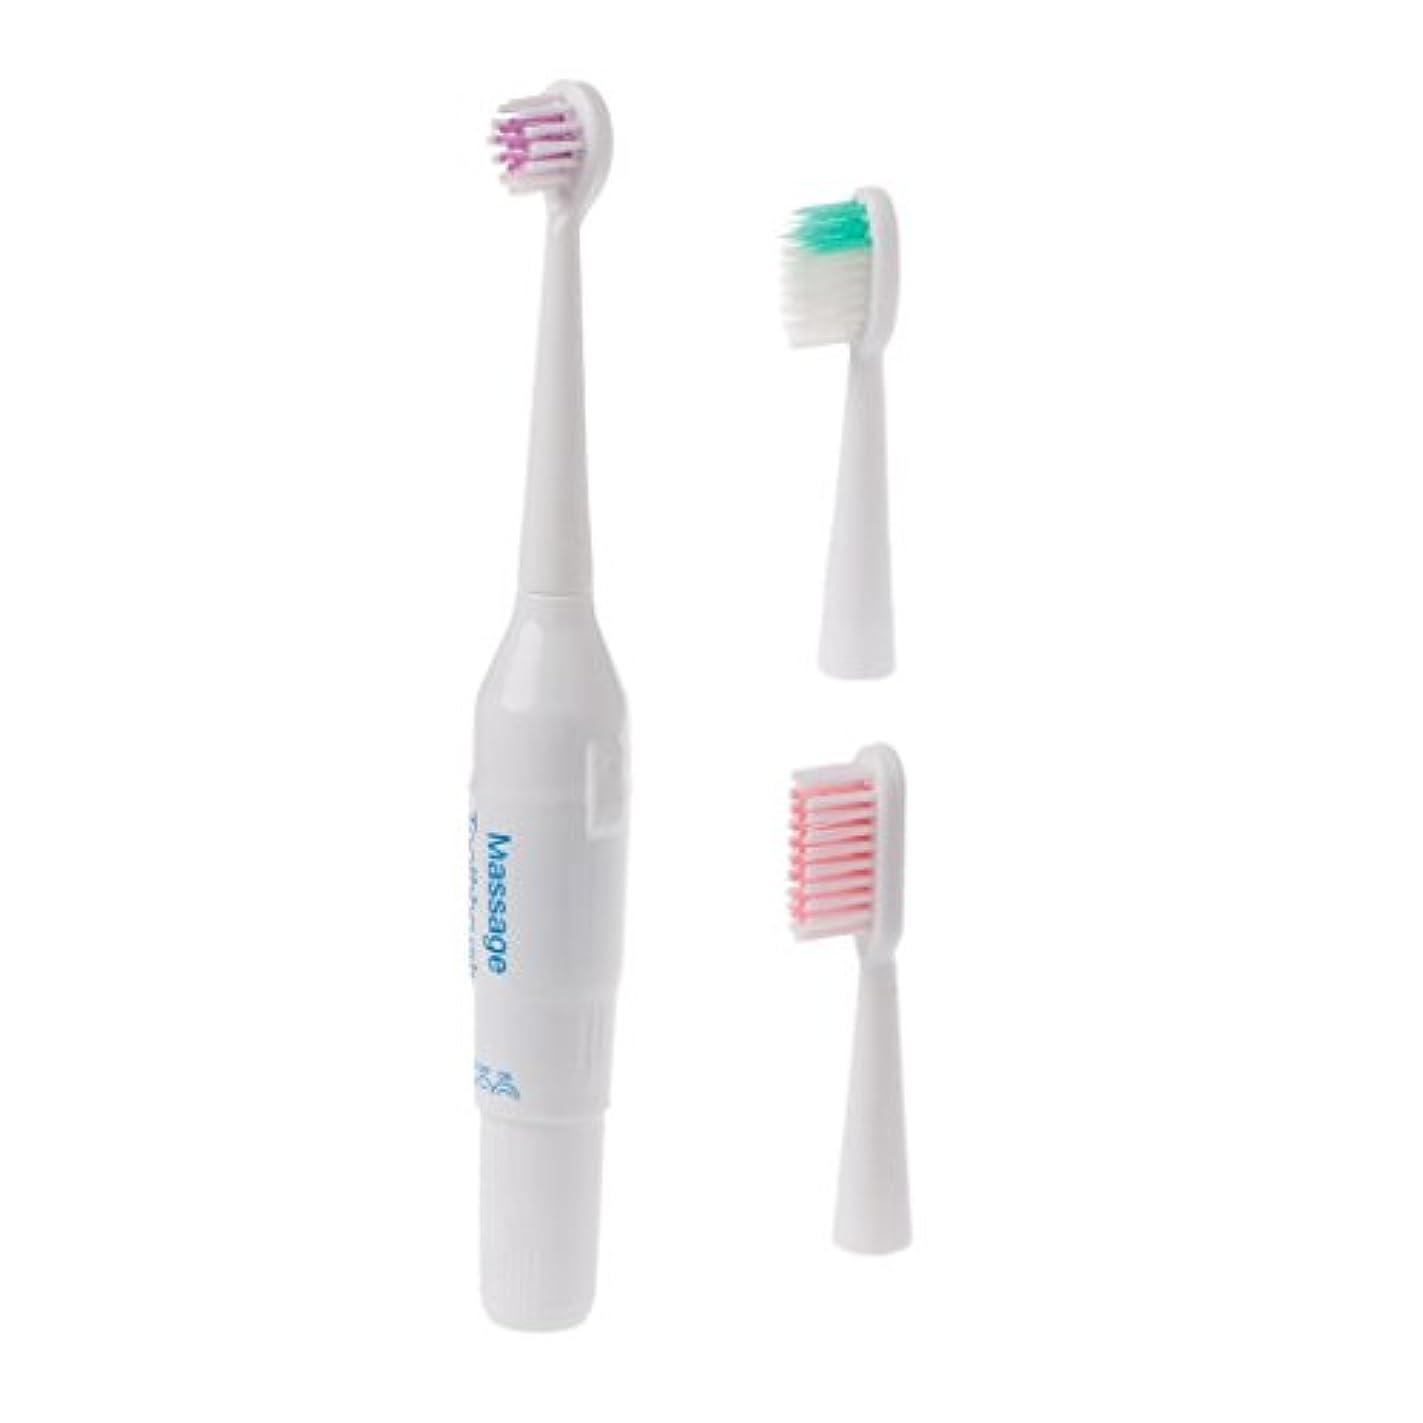 抵抗同意試みるManyao キッズプロフェッショナル口腔ケアクリーン電気歯ブラシパワーベビー用歯ブラシ